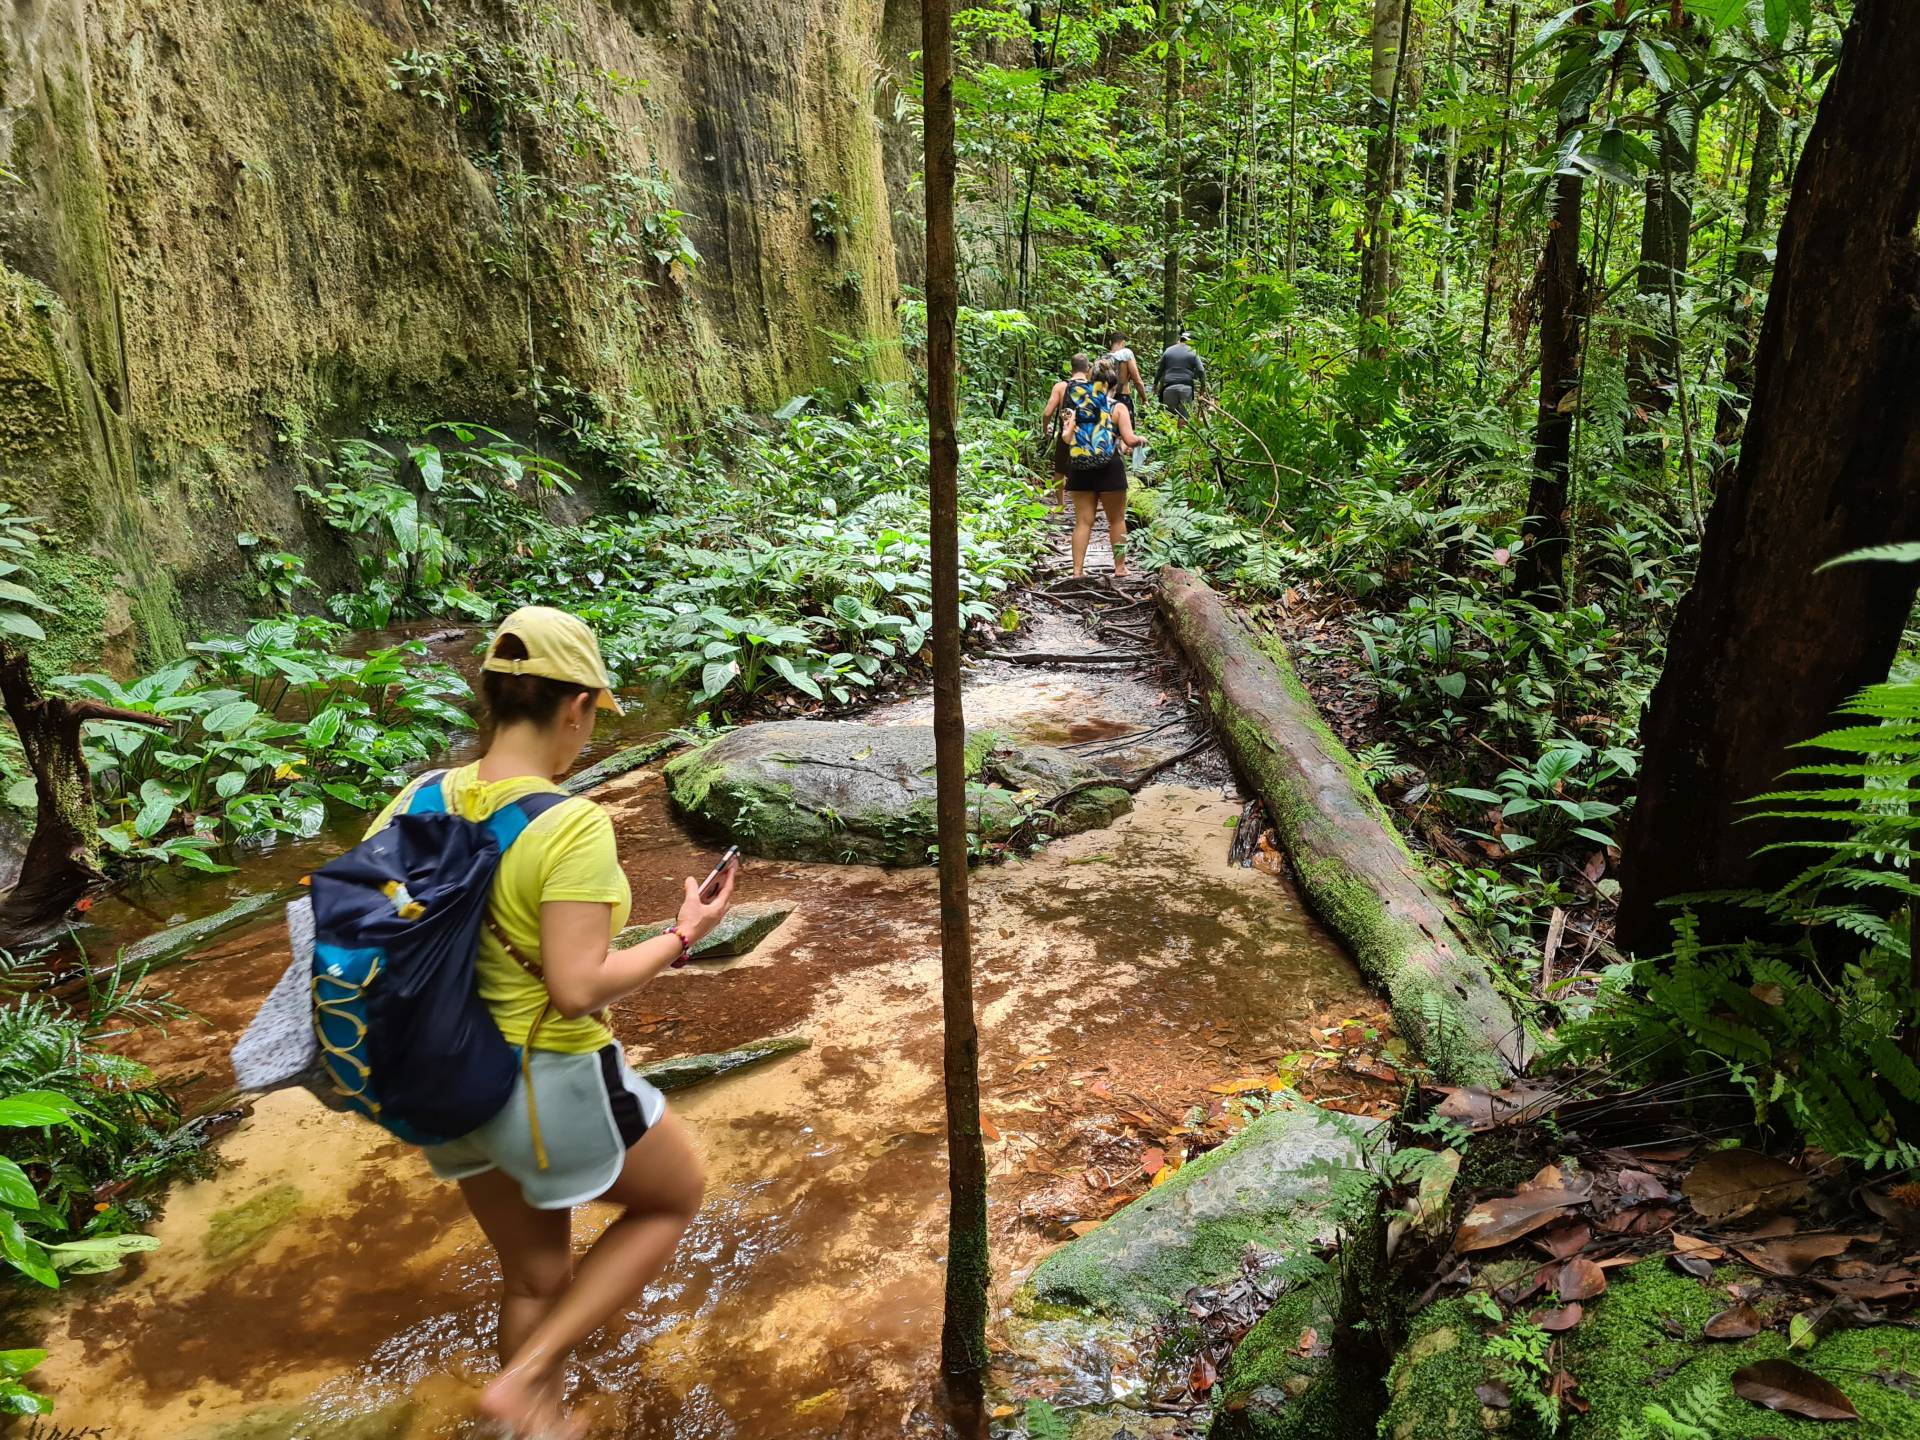 в джунглях Бразилии